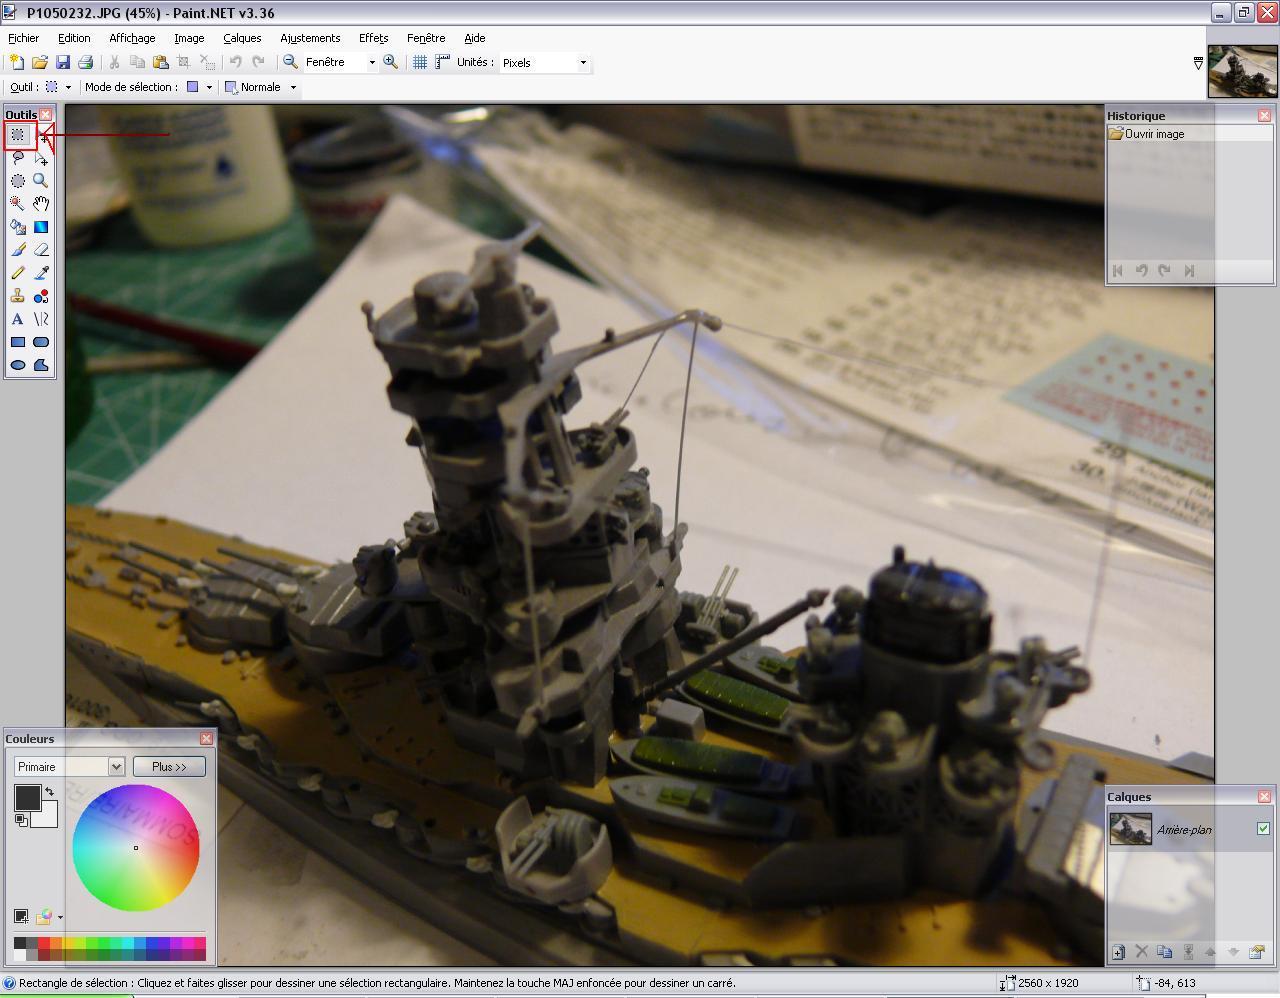 paint*?tid=8cb3c32870e2ab7a183987e9a65f6e34 - TUTO : Comment réduire une photo pour le forum avec paint.net Paintn11